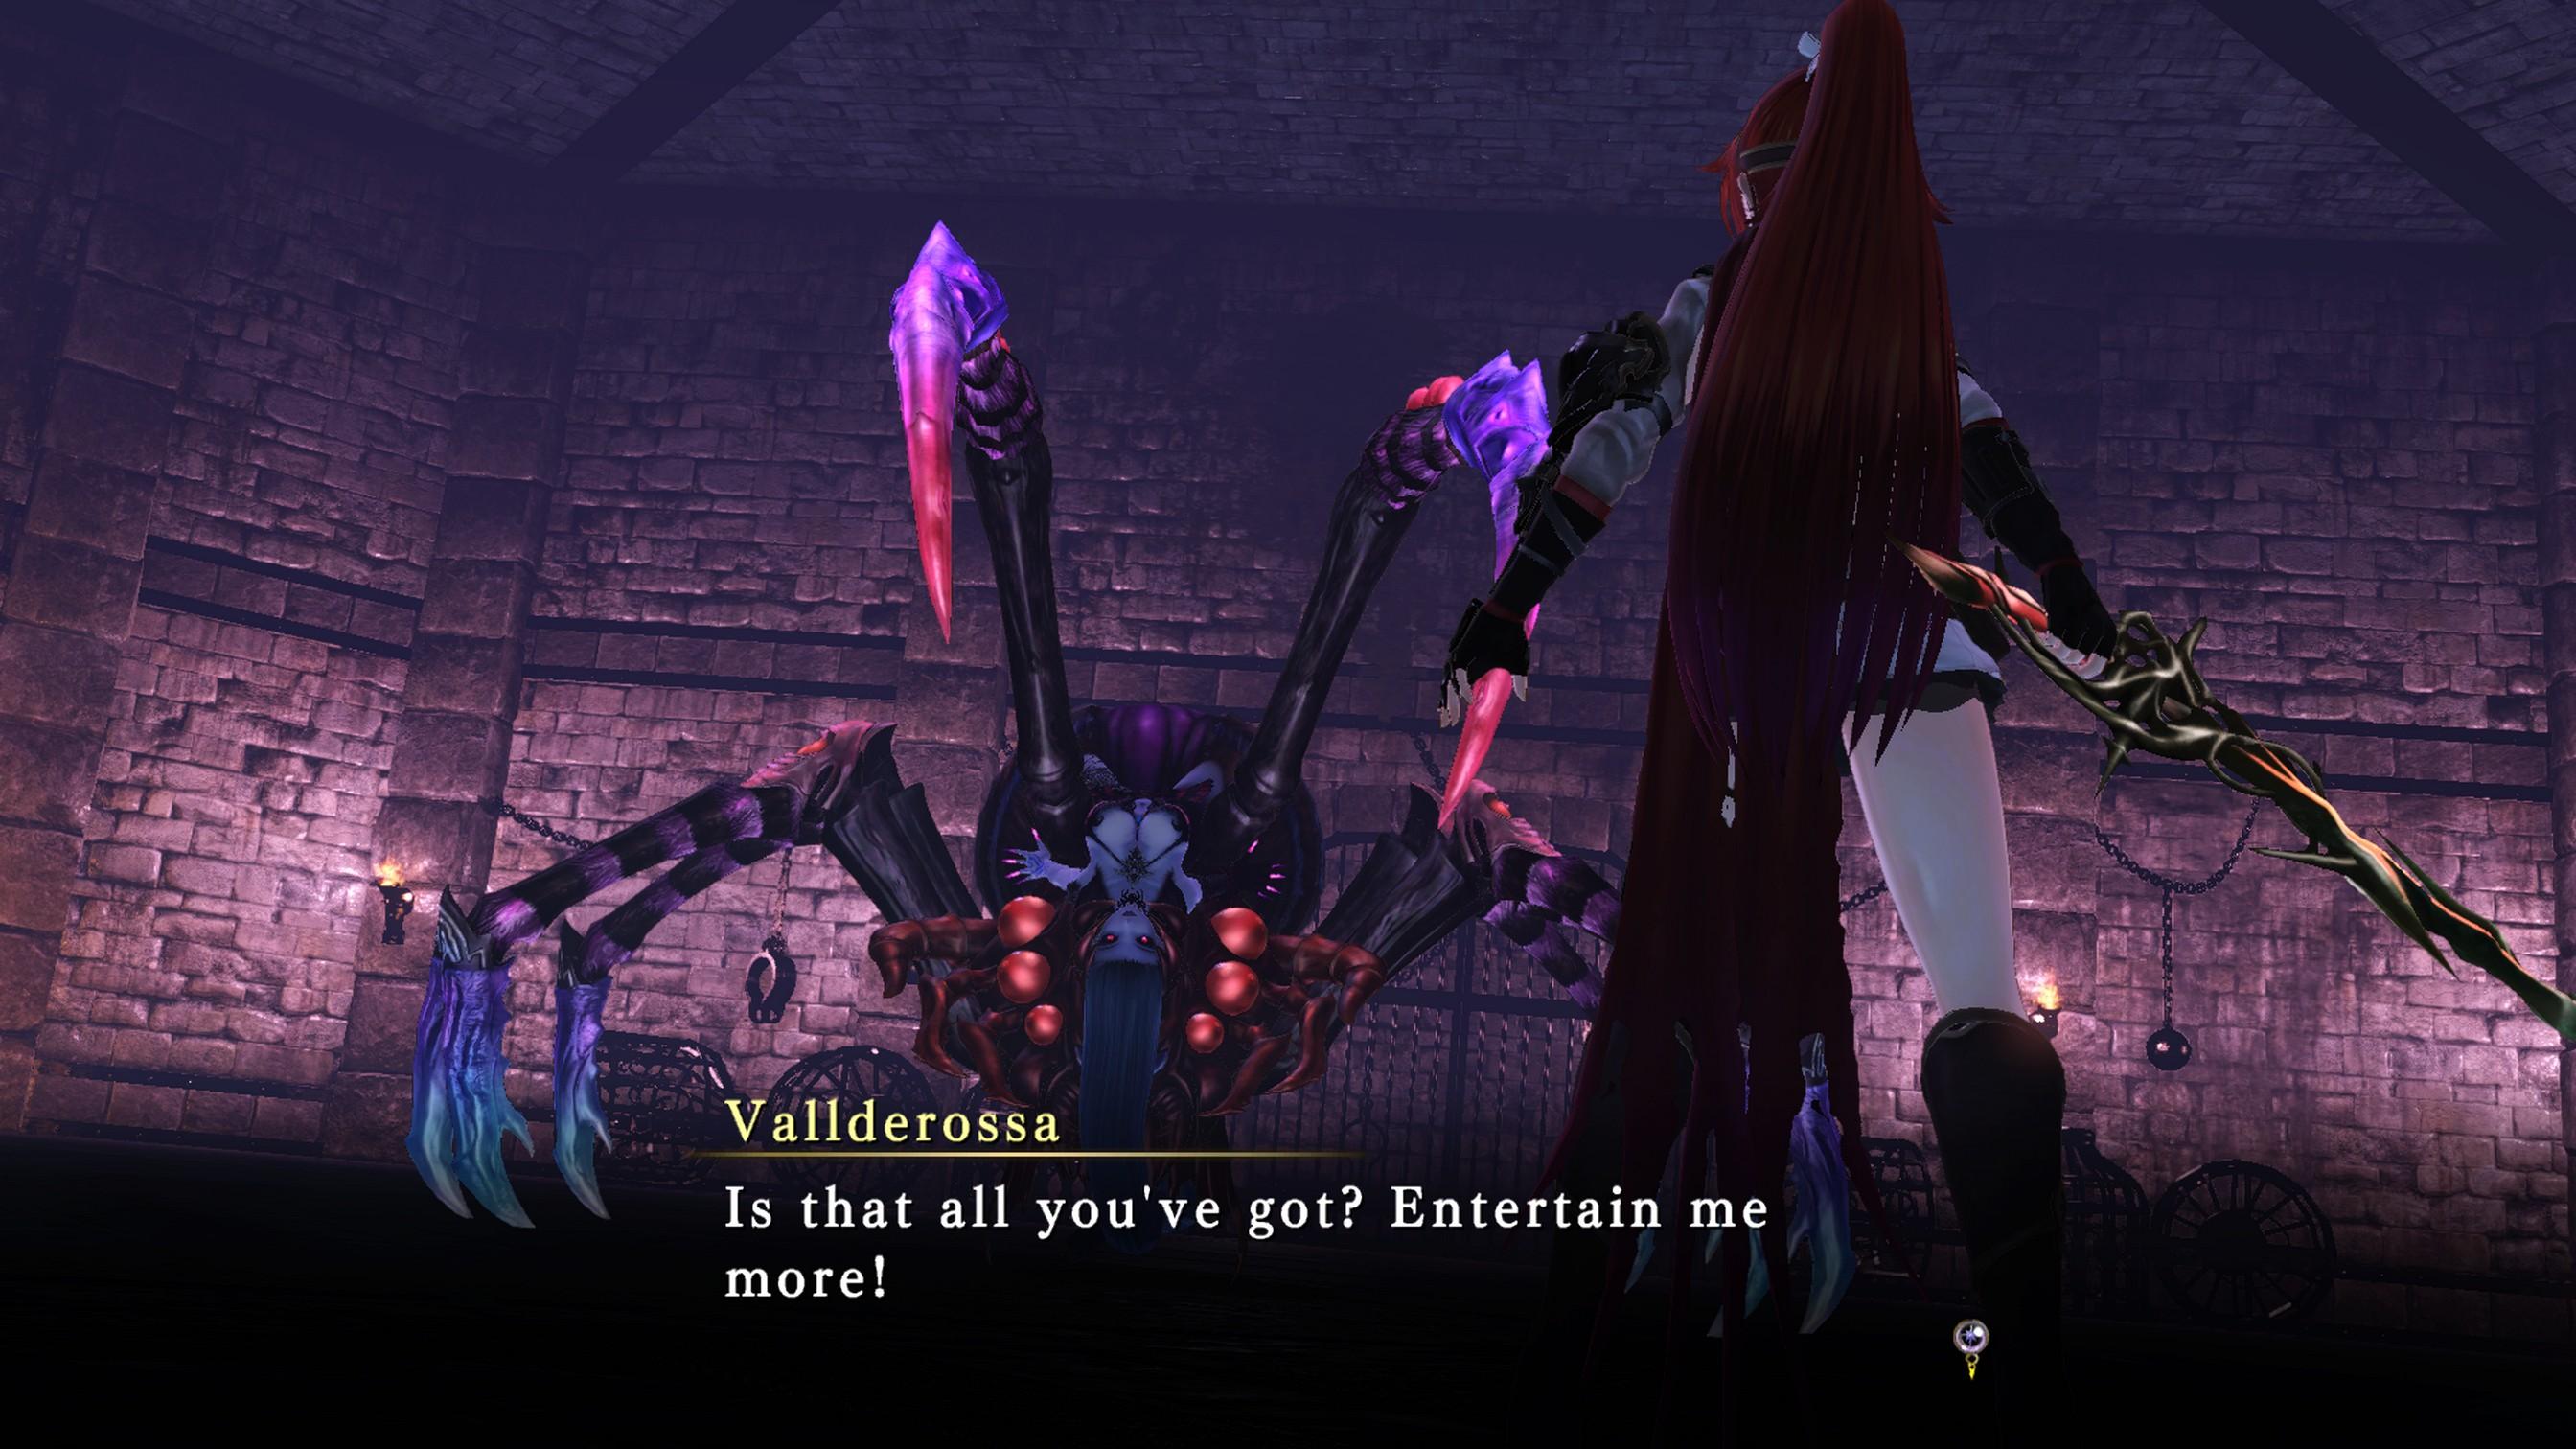 Vallderossa_02